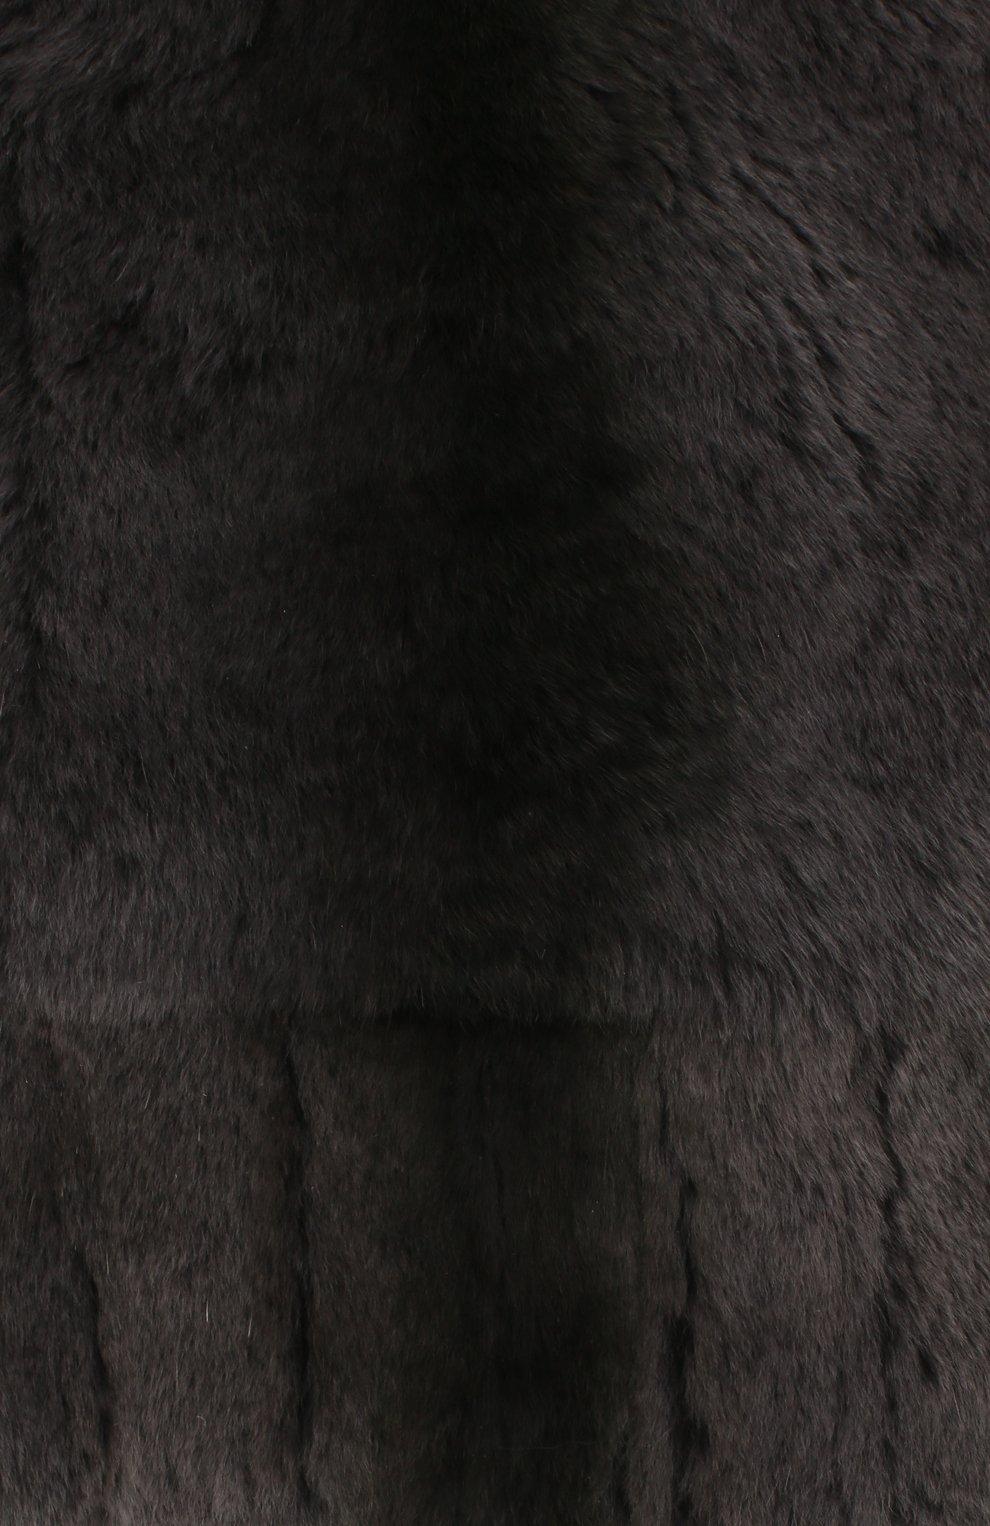 Мужская шапка из меха колонка FURLAND серого цвета, арт. 0105108150105200000 | Фото 3